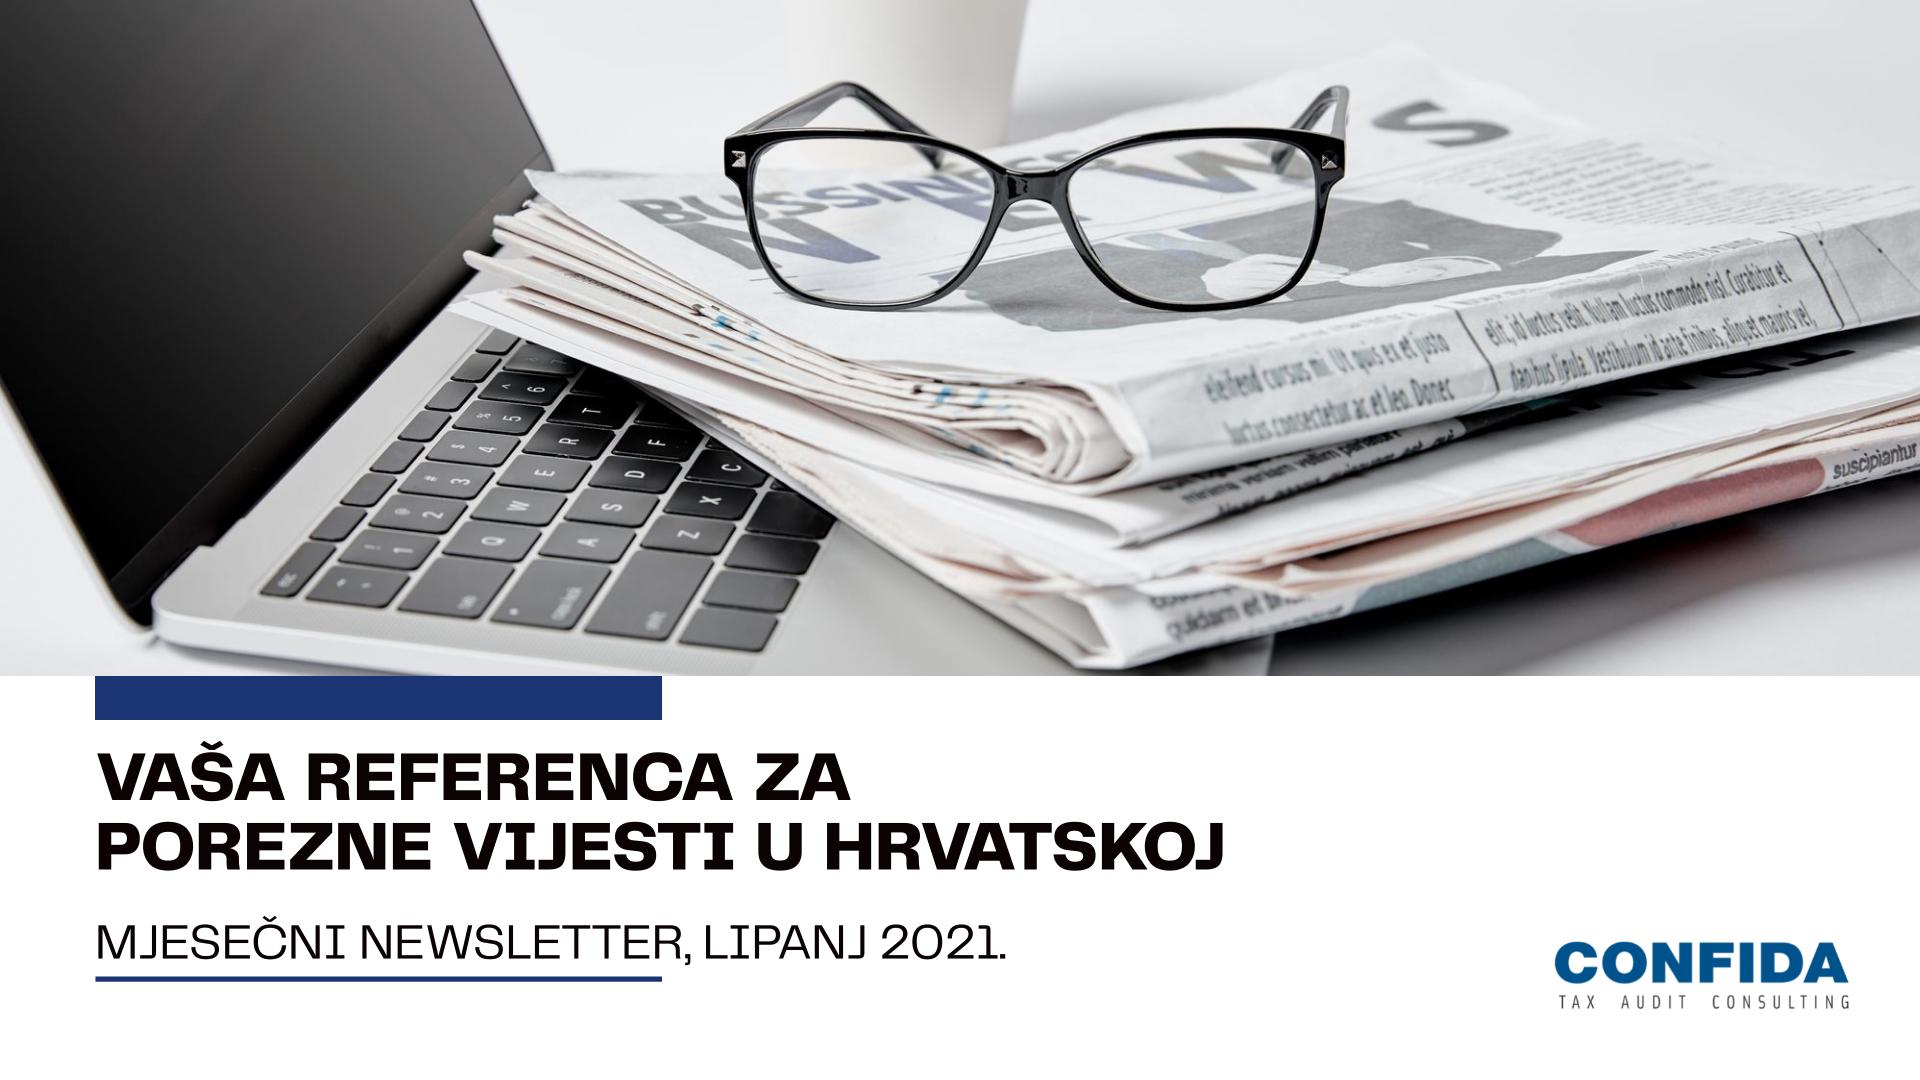 Lipanj 2021: Vaša referenca za porezne vijesti u Hrvatskoj